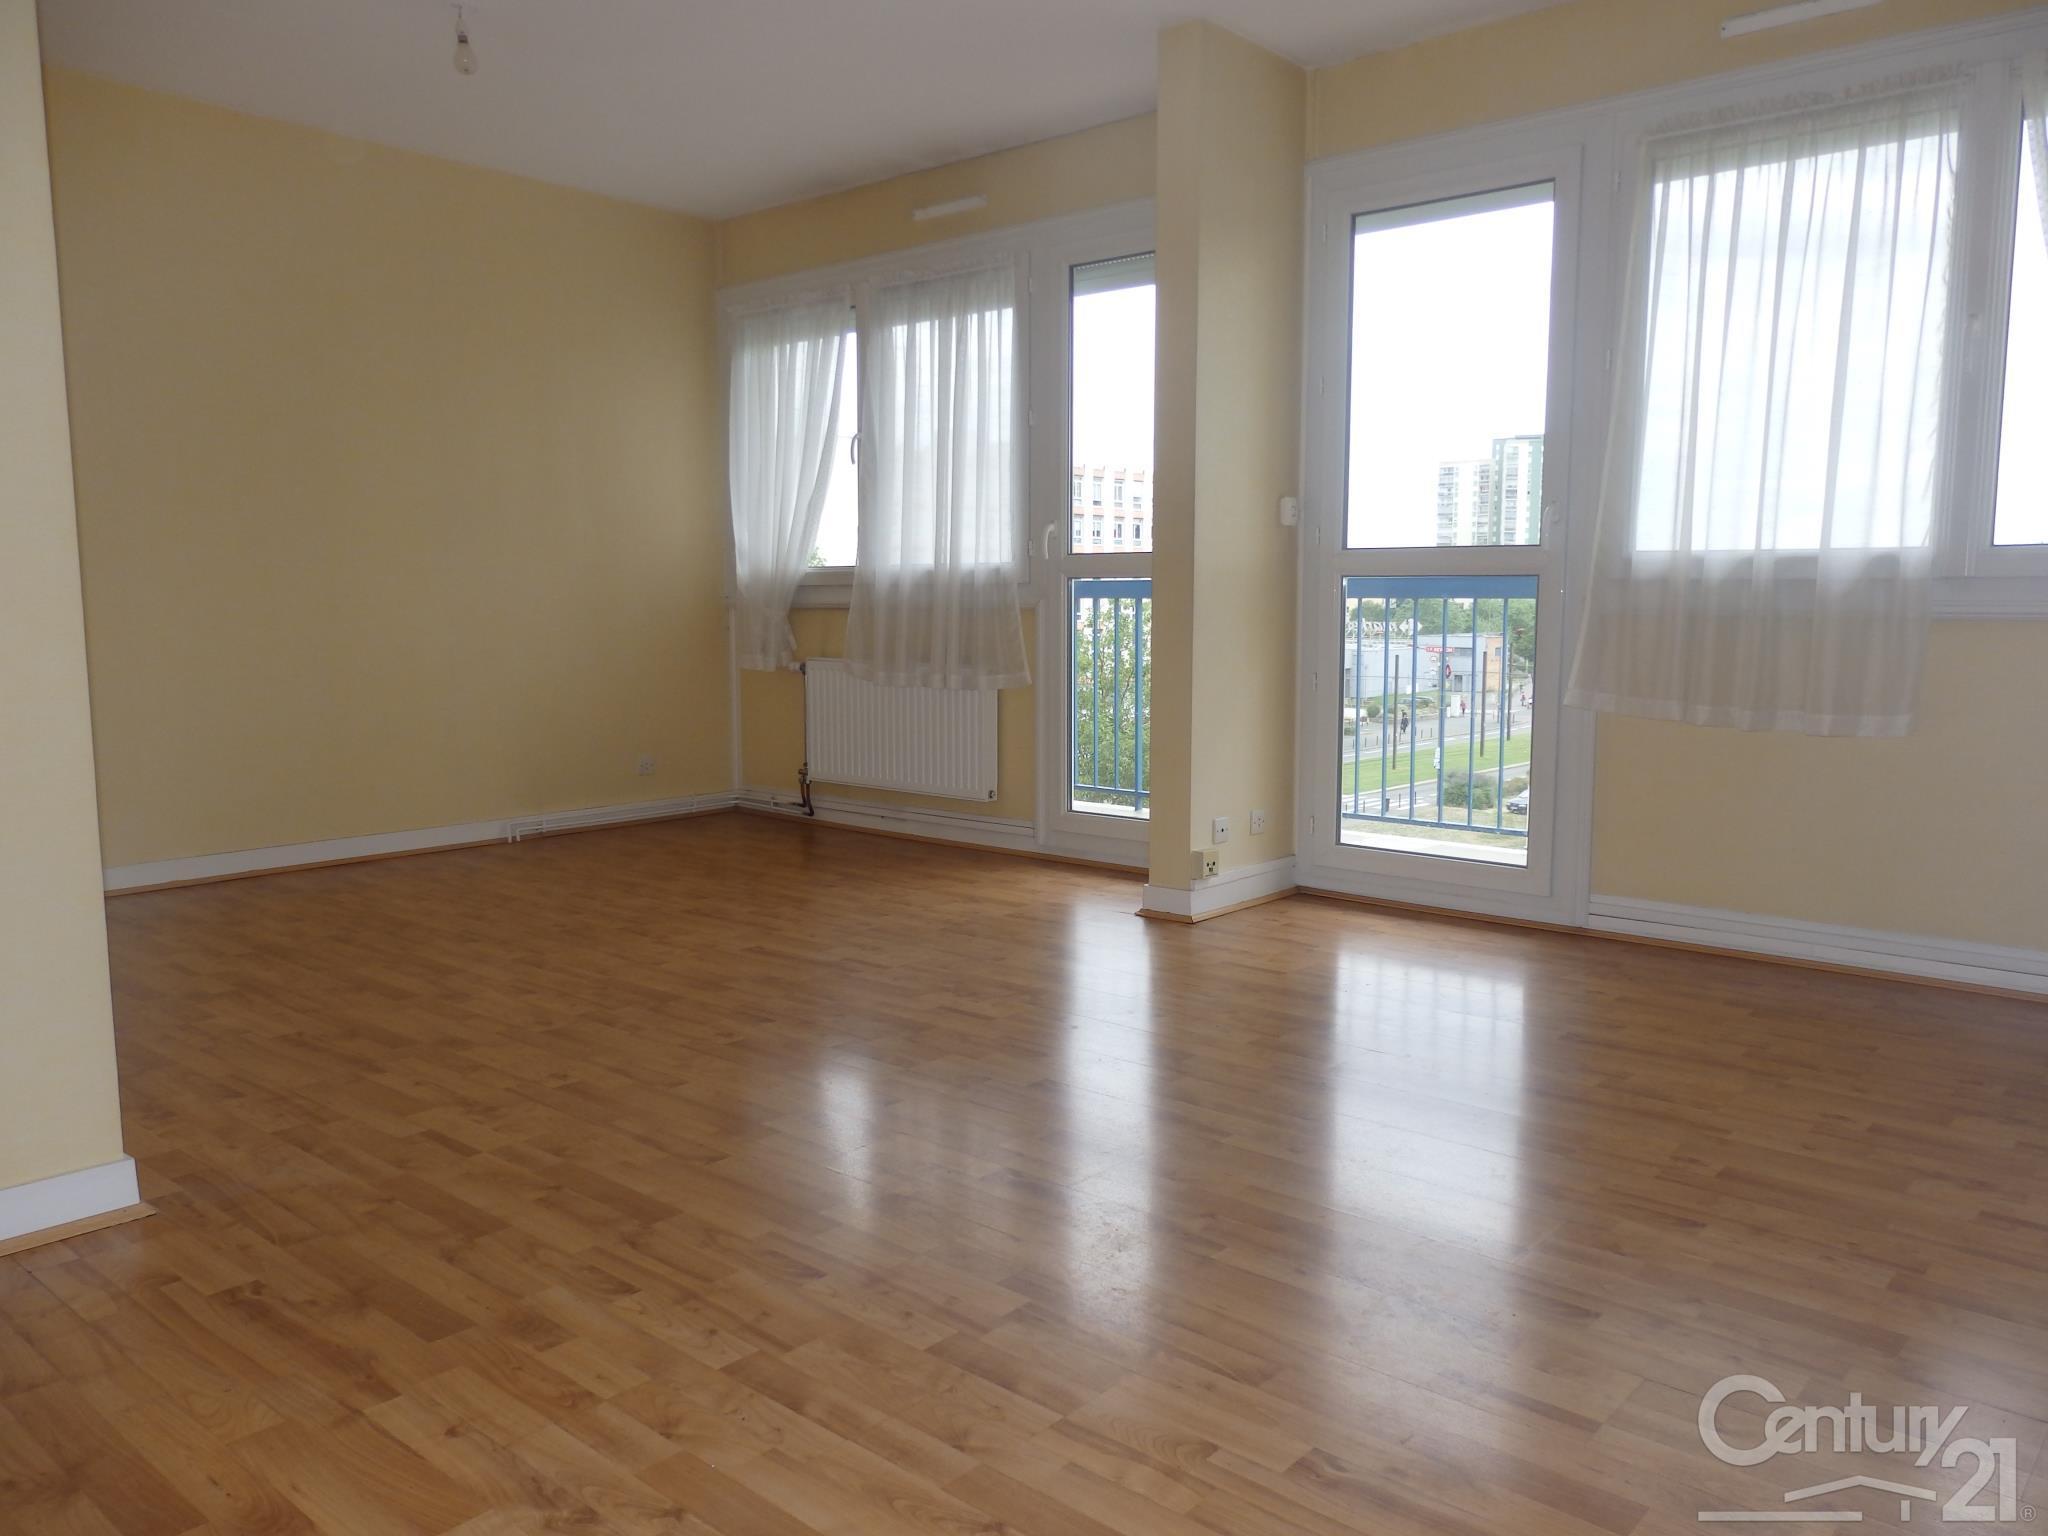 Appartement f3 3 pi¨ces  vendre – LE MANS – Ref